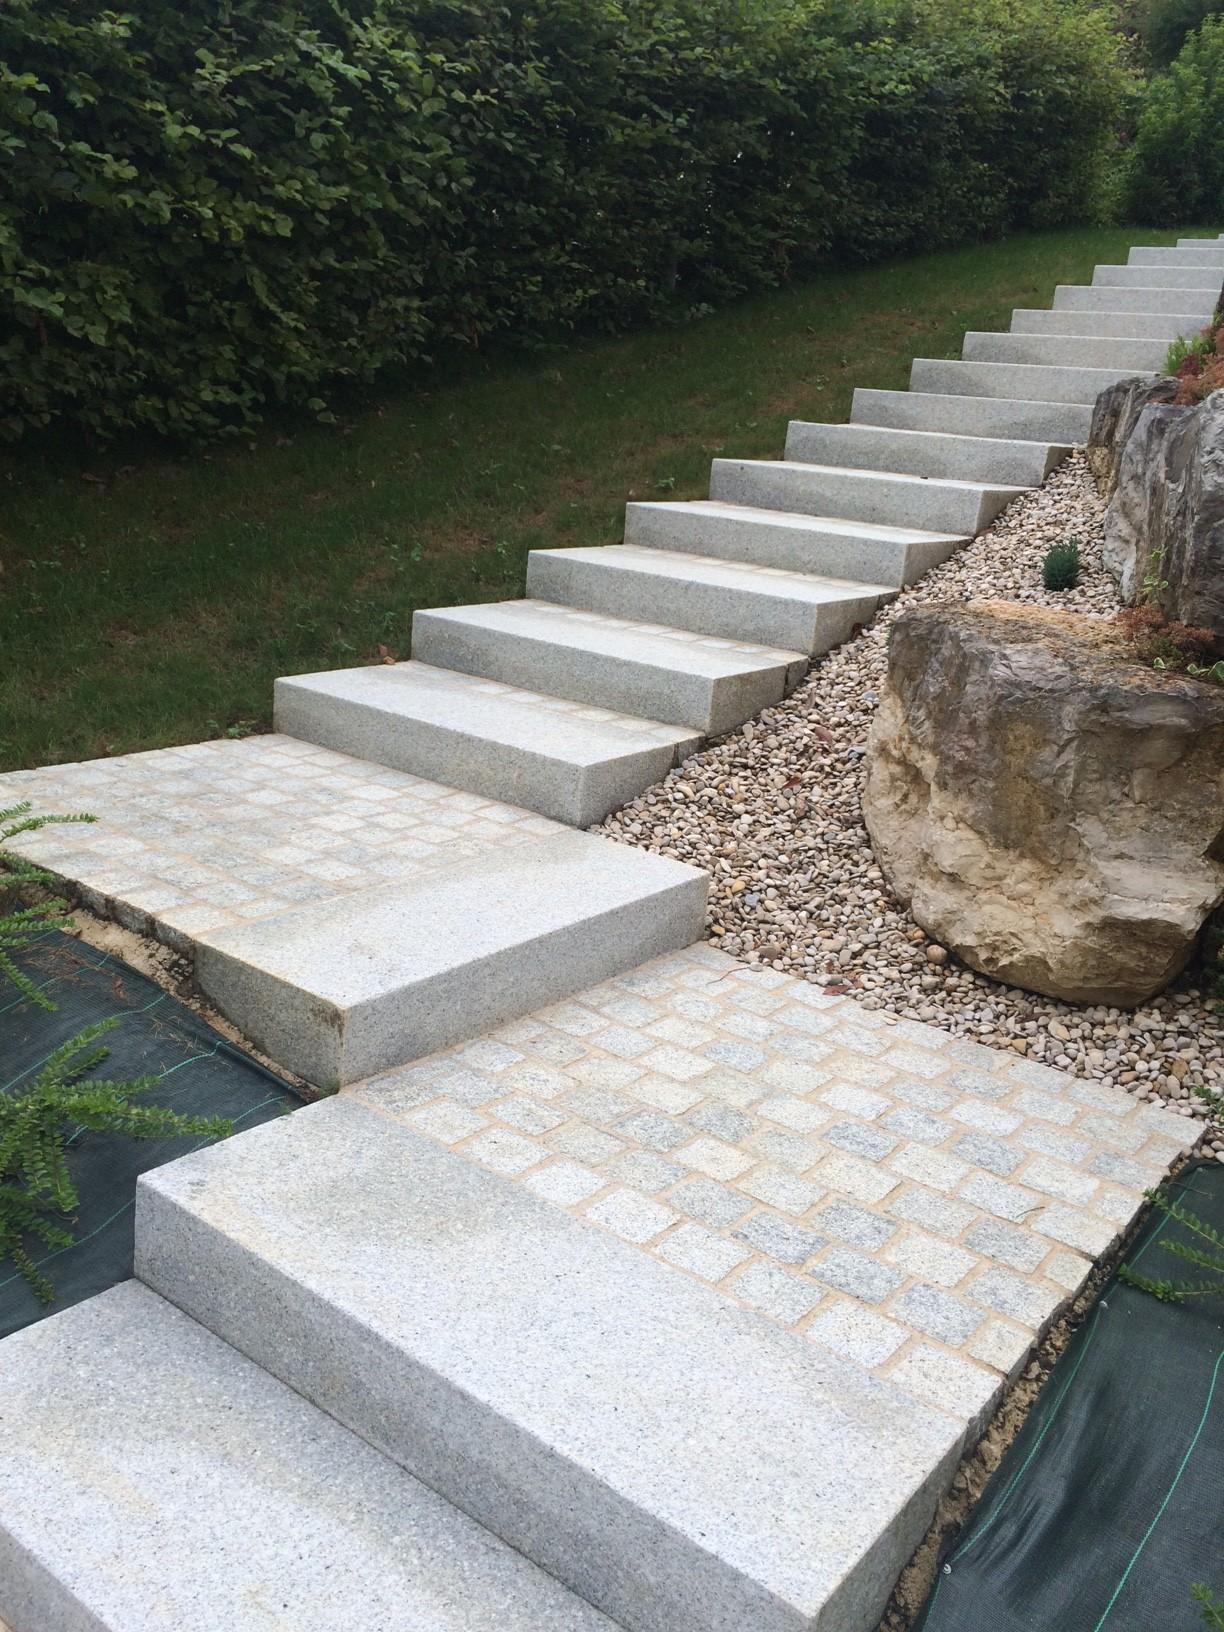 Escalier ext rieur en bloc marche cuinet for Escalier exterieur 6 marches